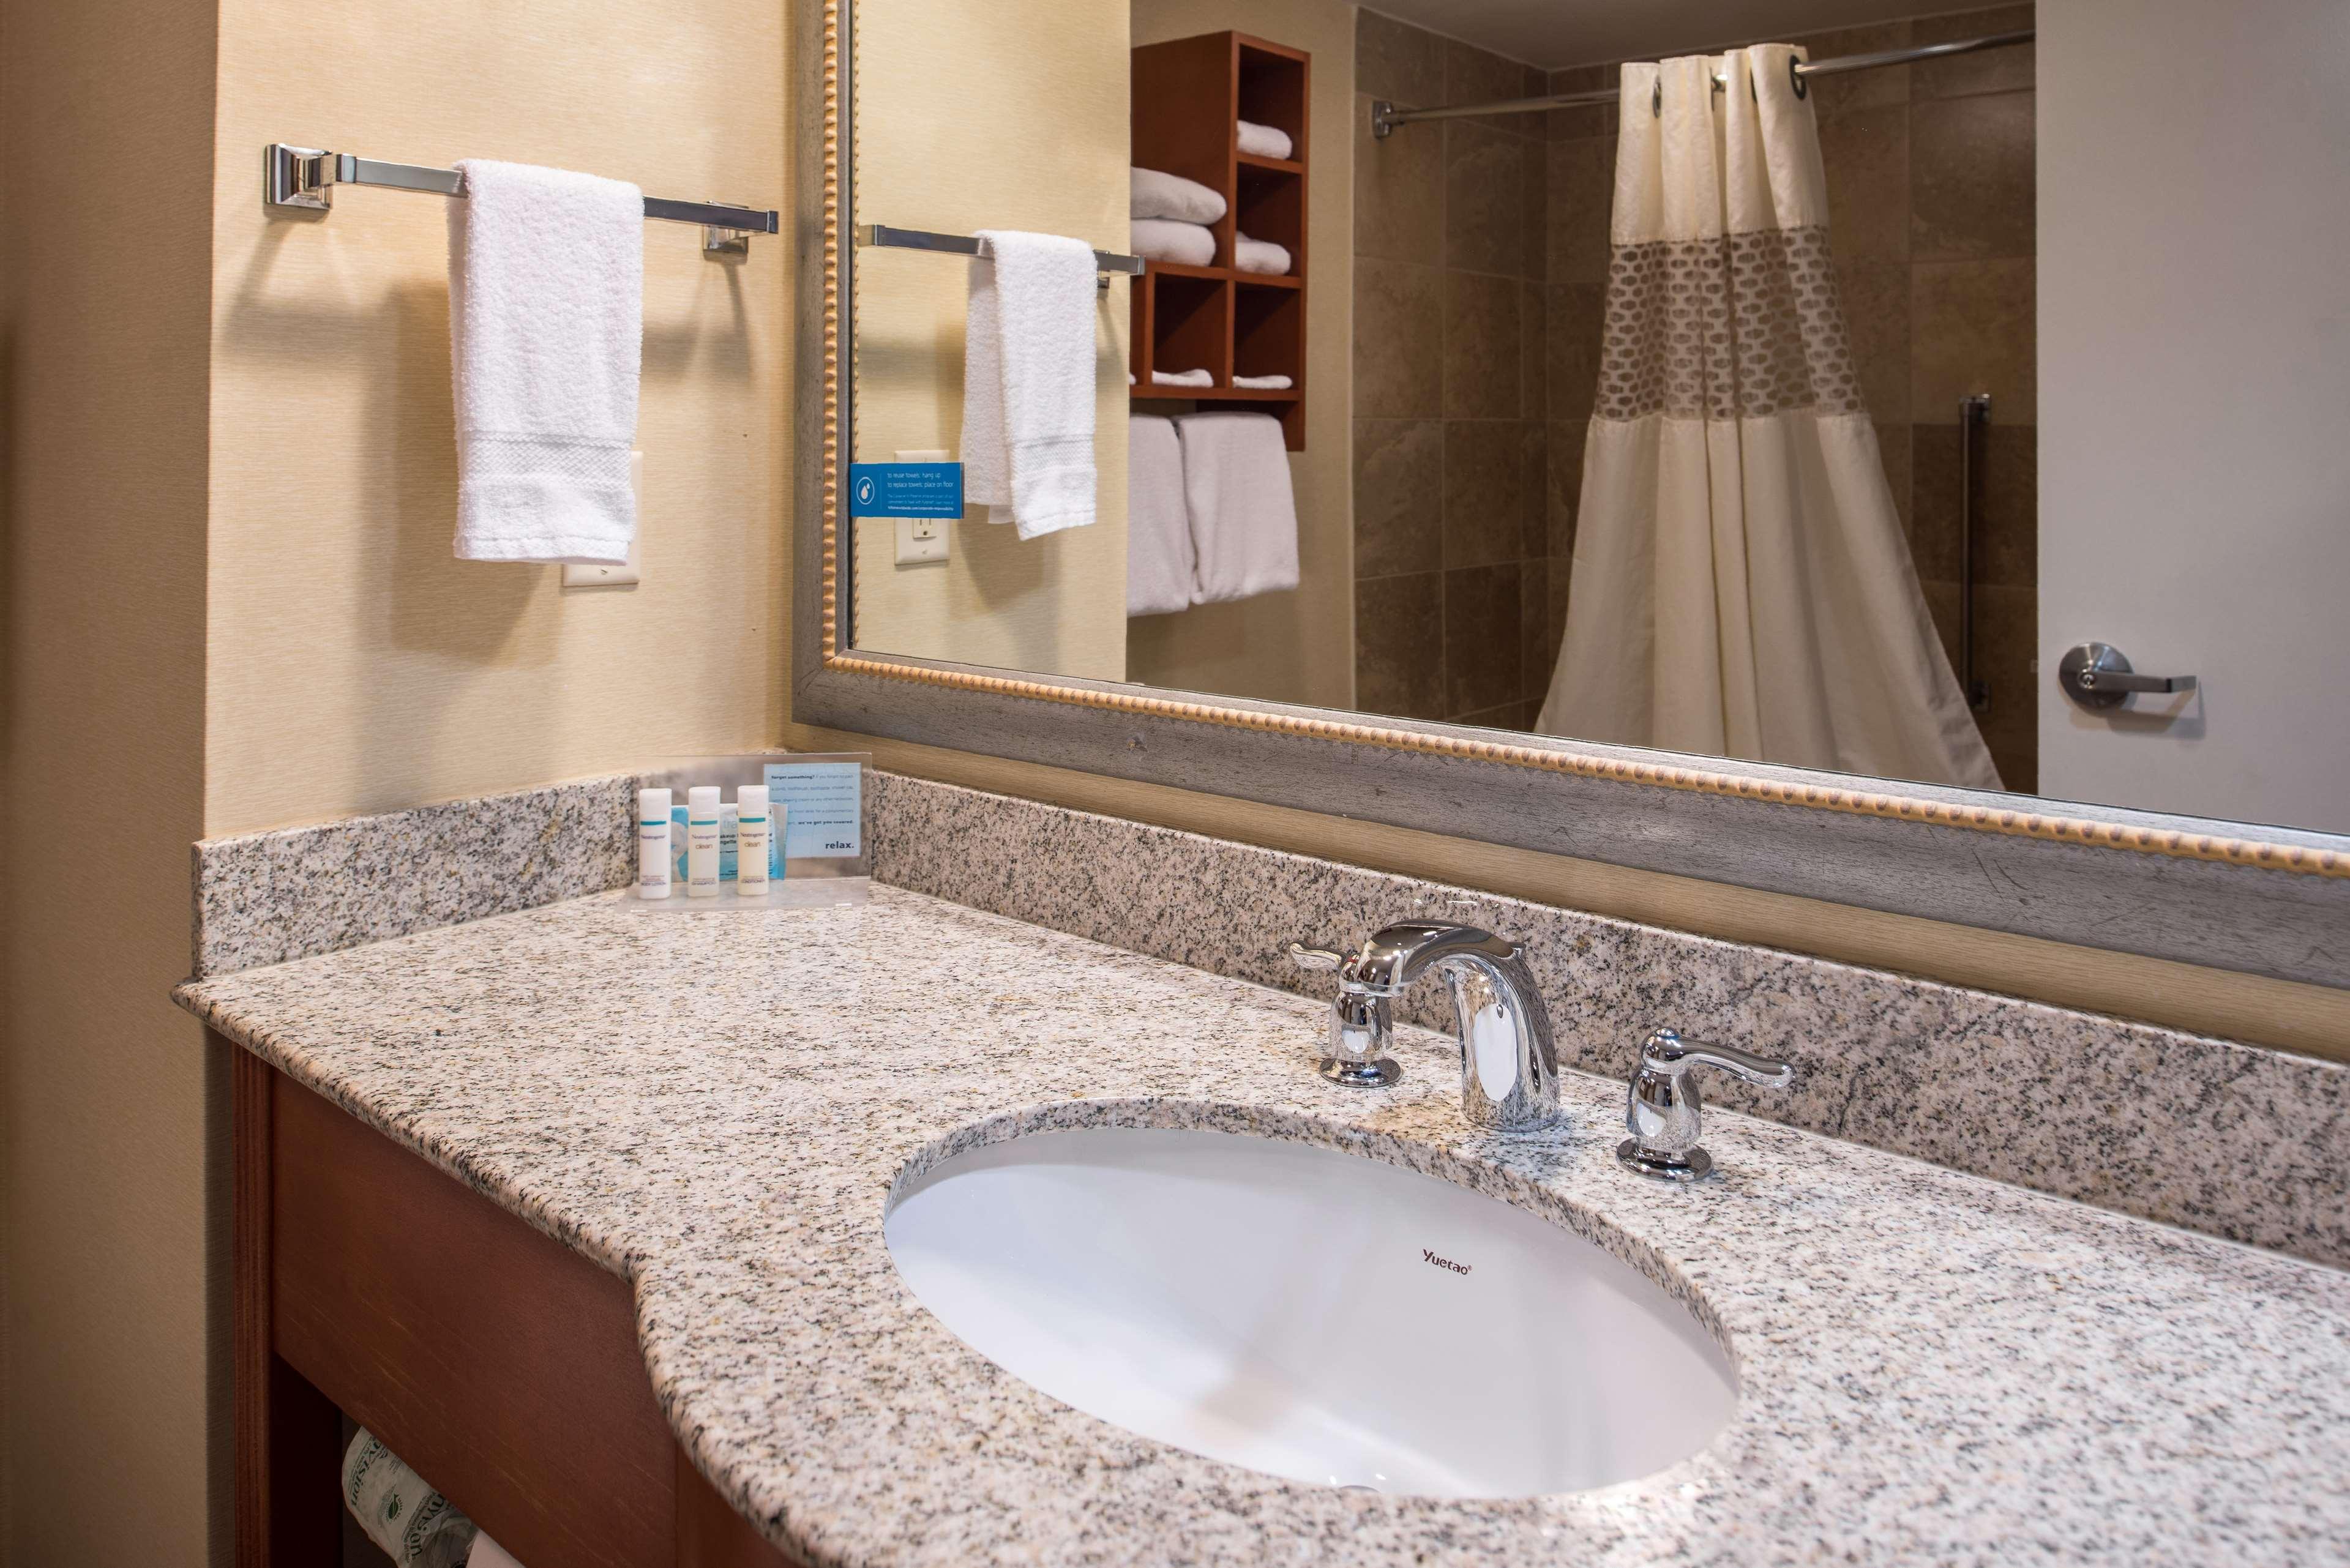 Hampton Inn & Suites Charlotte-Arrowood Rd. image 20